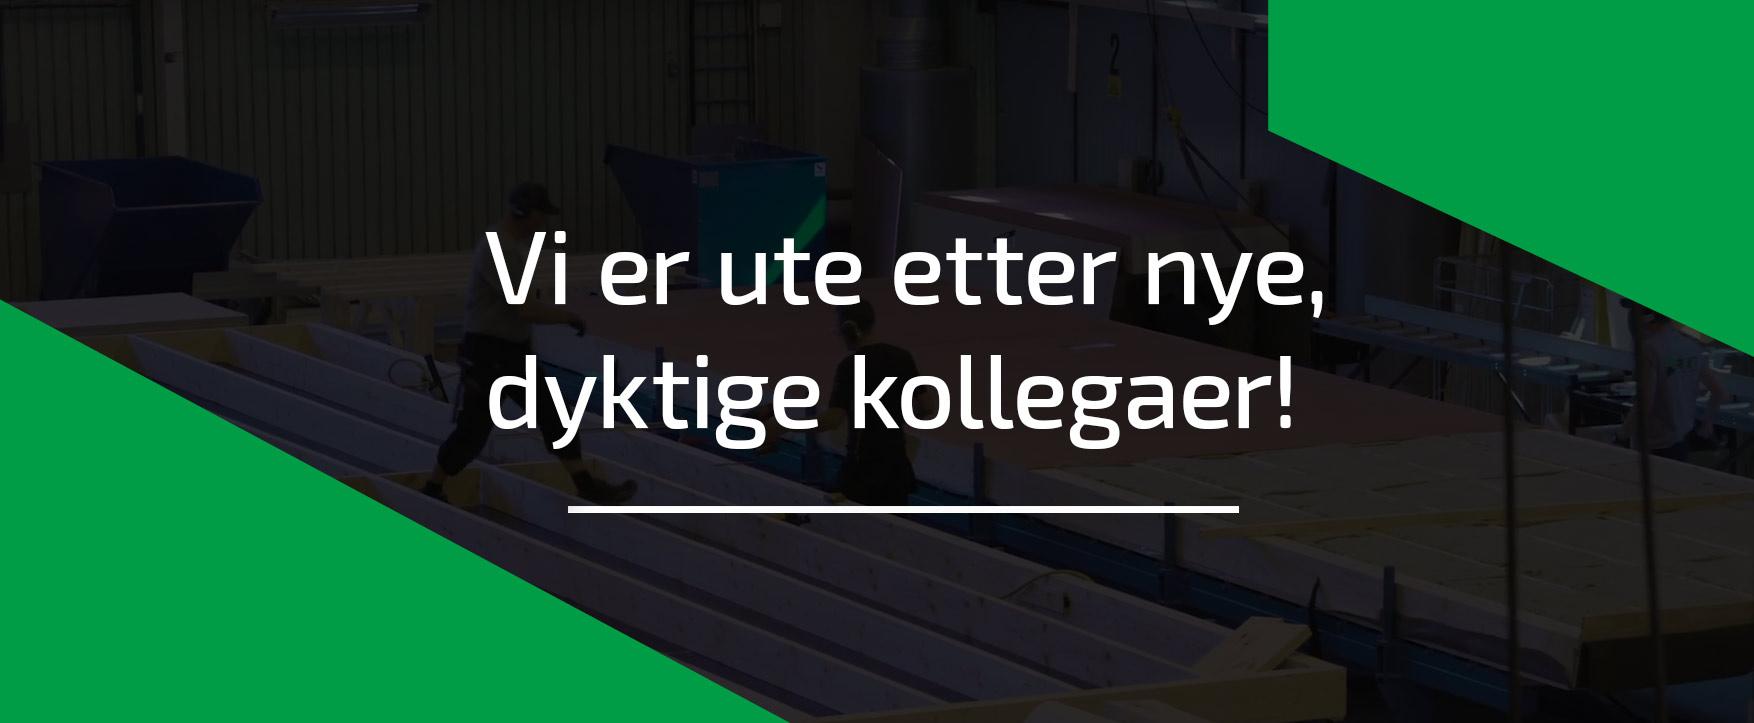 RVT-trenger-medarbeidere-SOME-banner.jpg